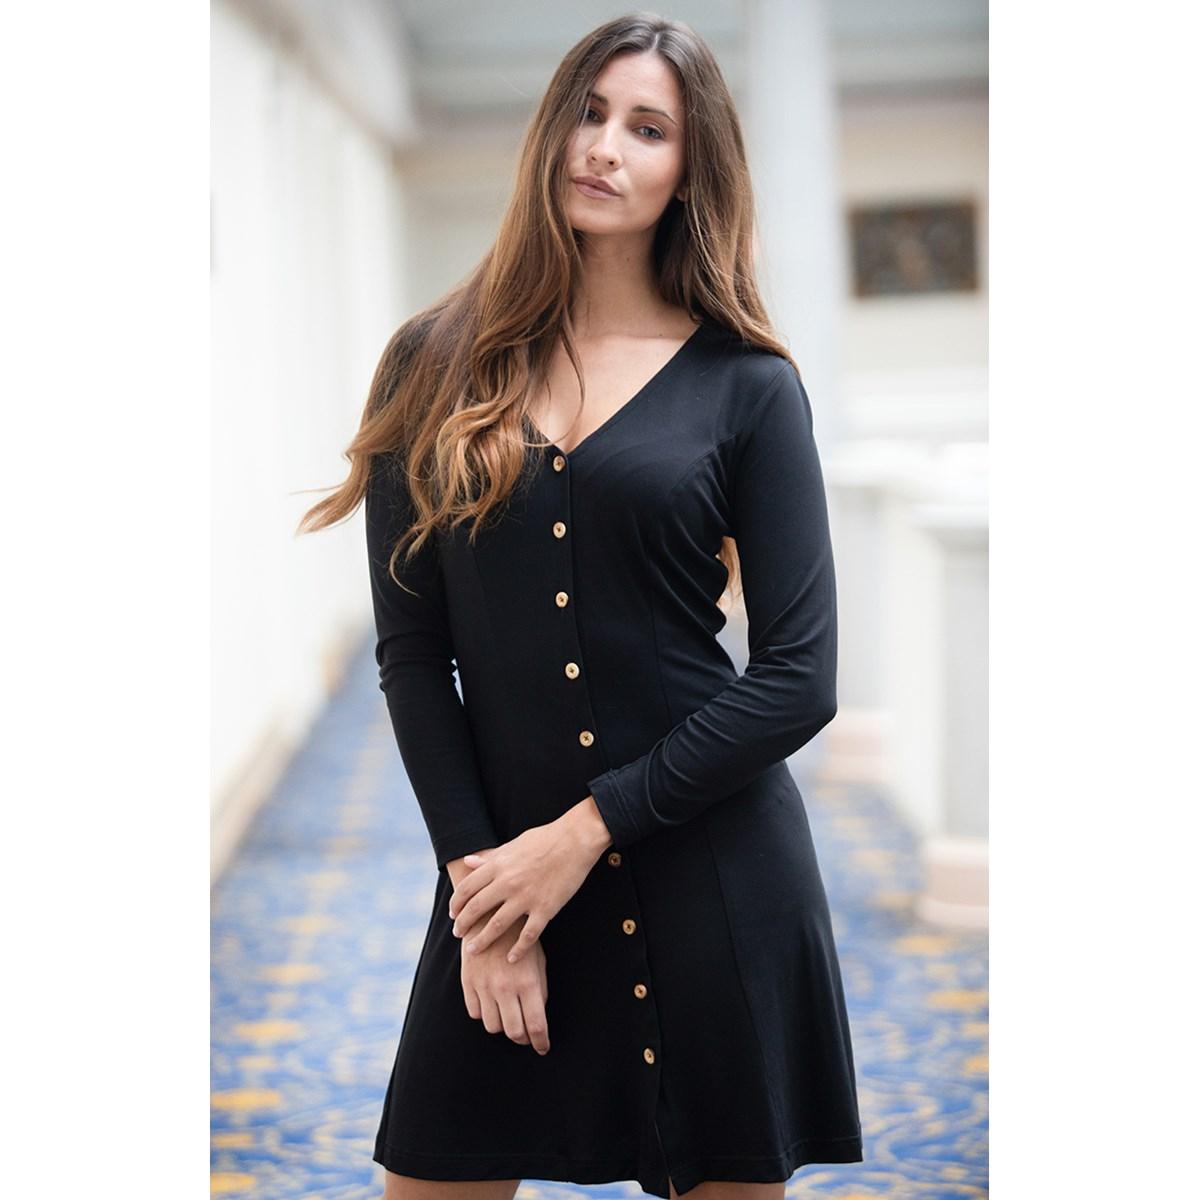 comment bien s'habiller éthique robe noire